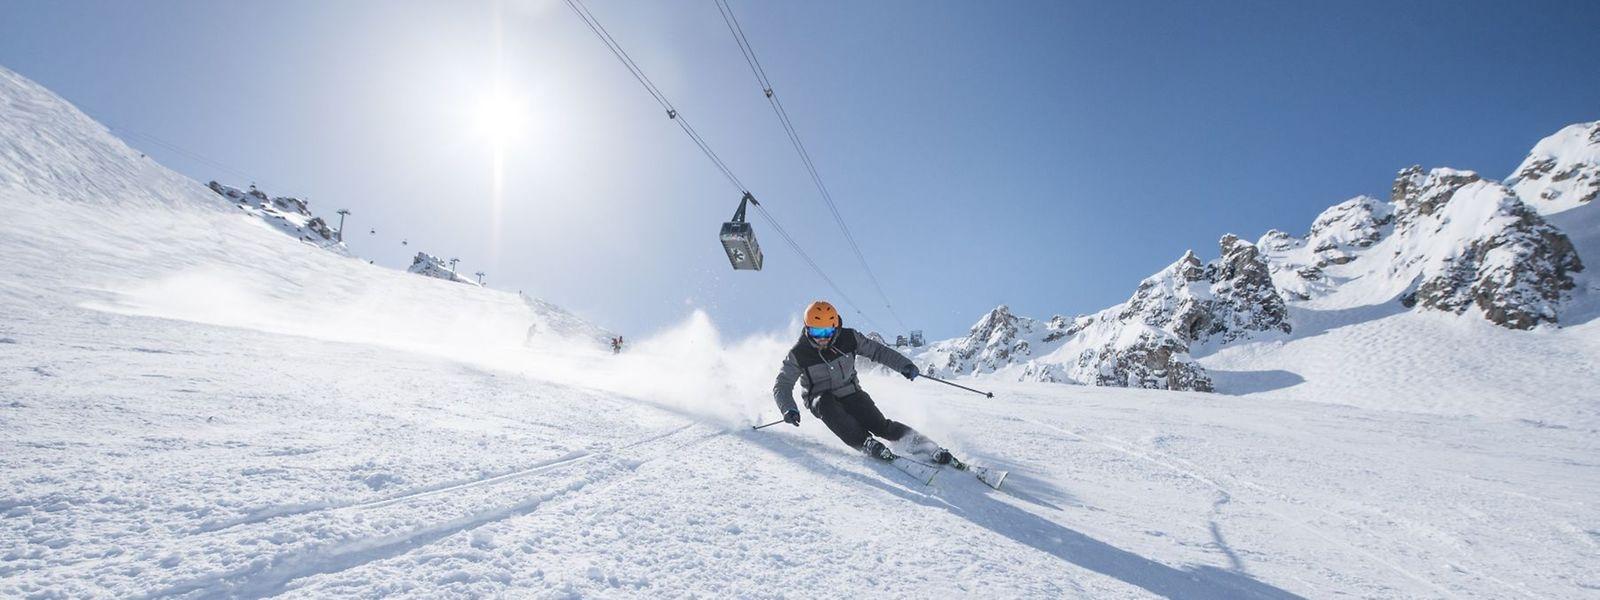 Das größte Skigebiet in Europa: Les 3 Vallées.